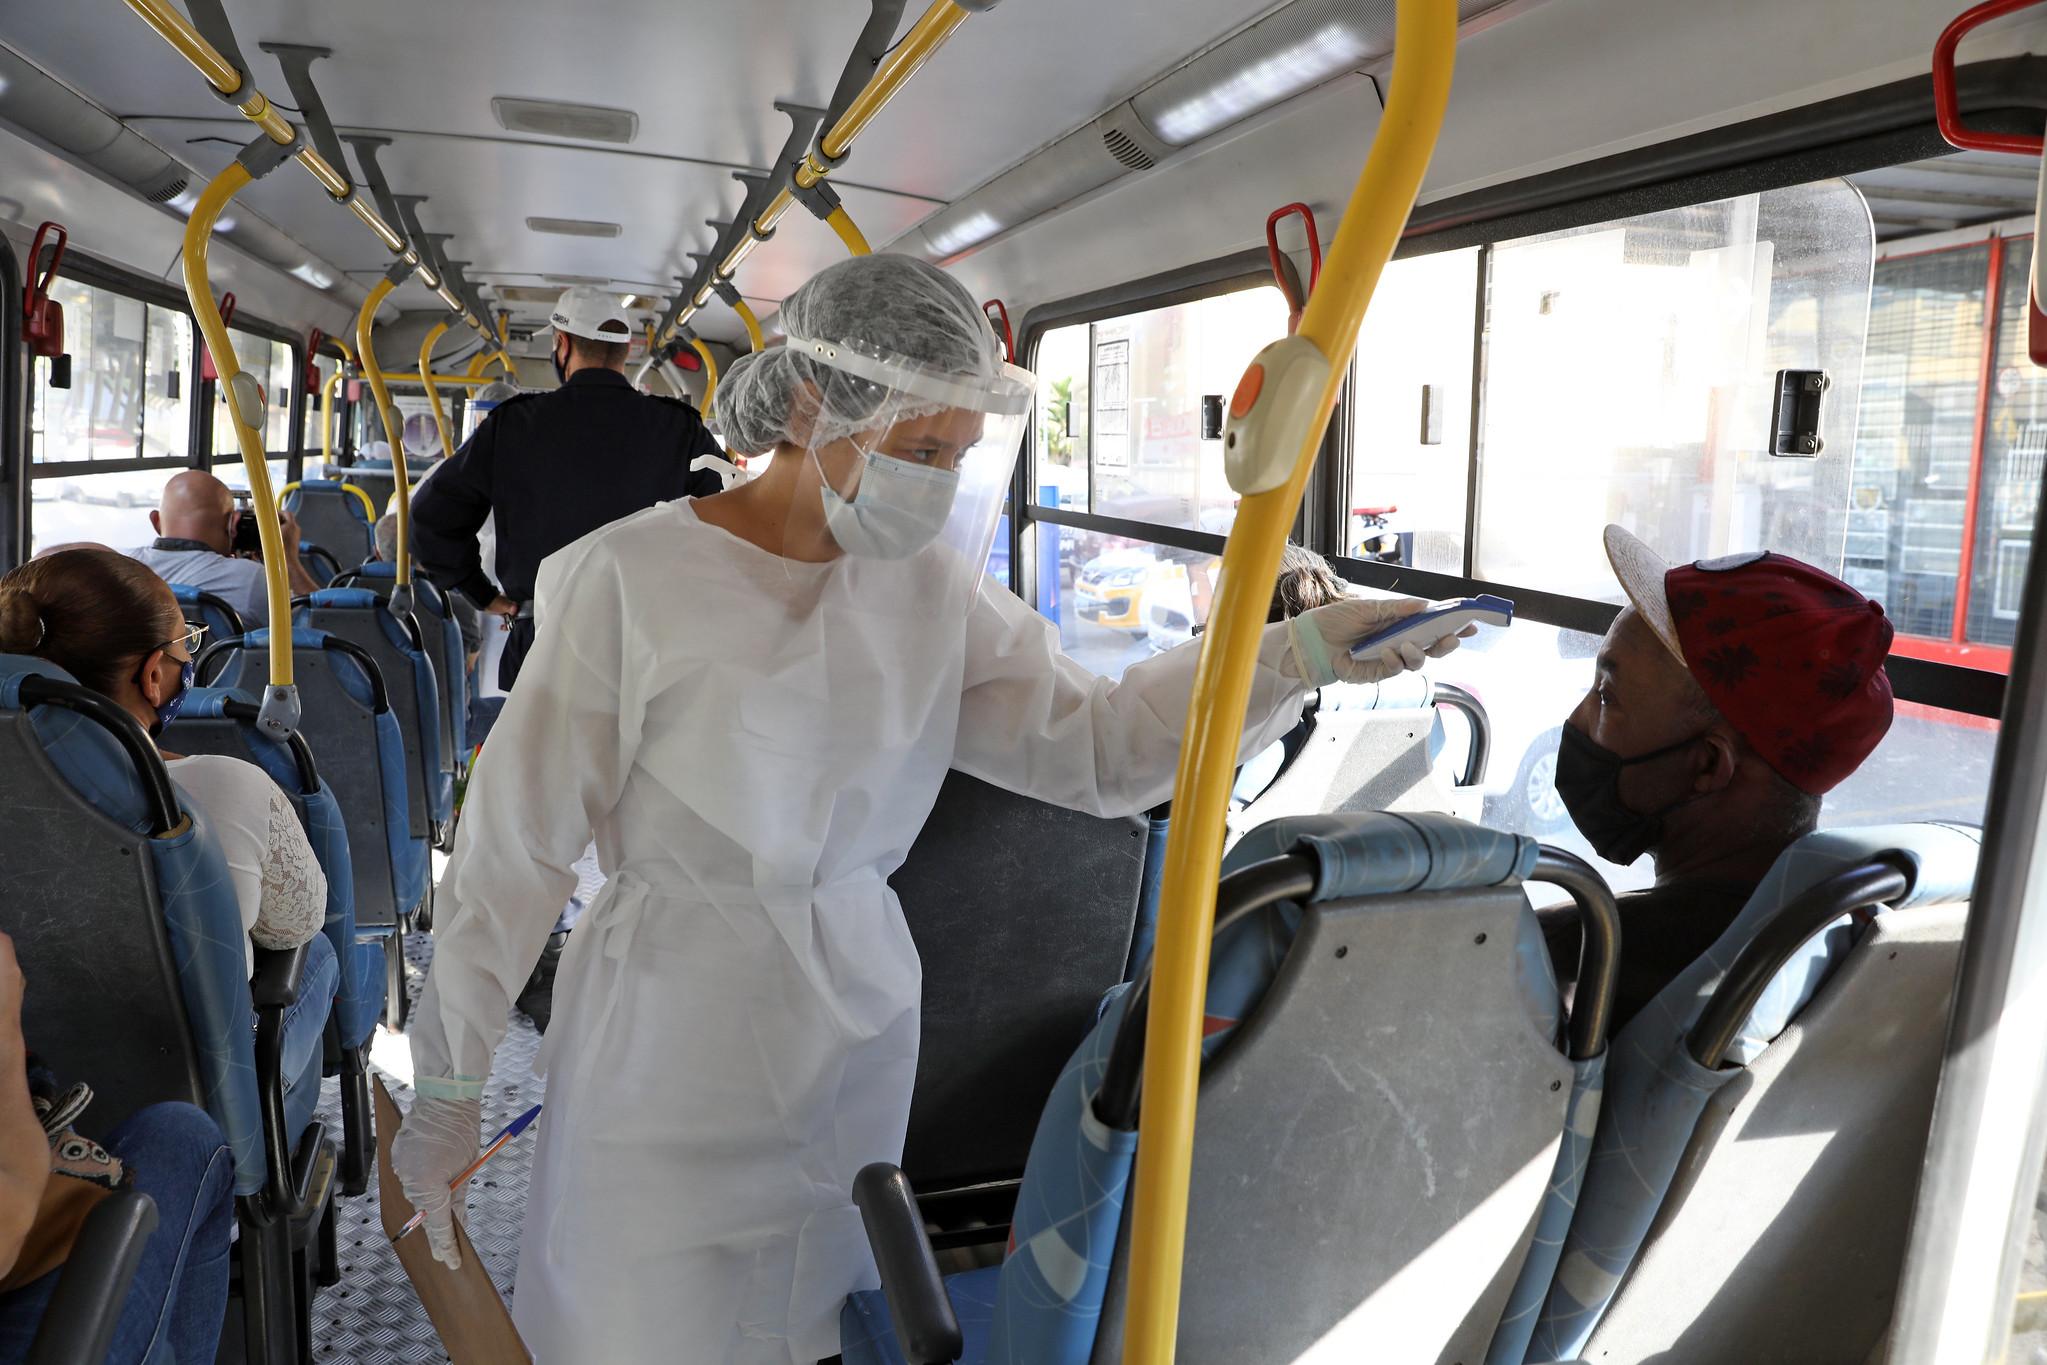 Anvisa esclarece que medição de temperatura pela testa não causa danos à saúde